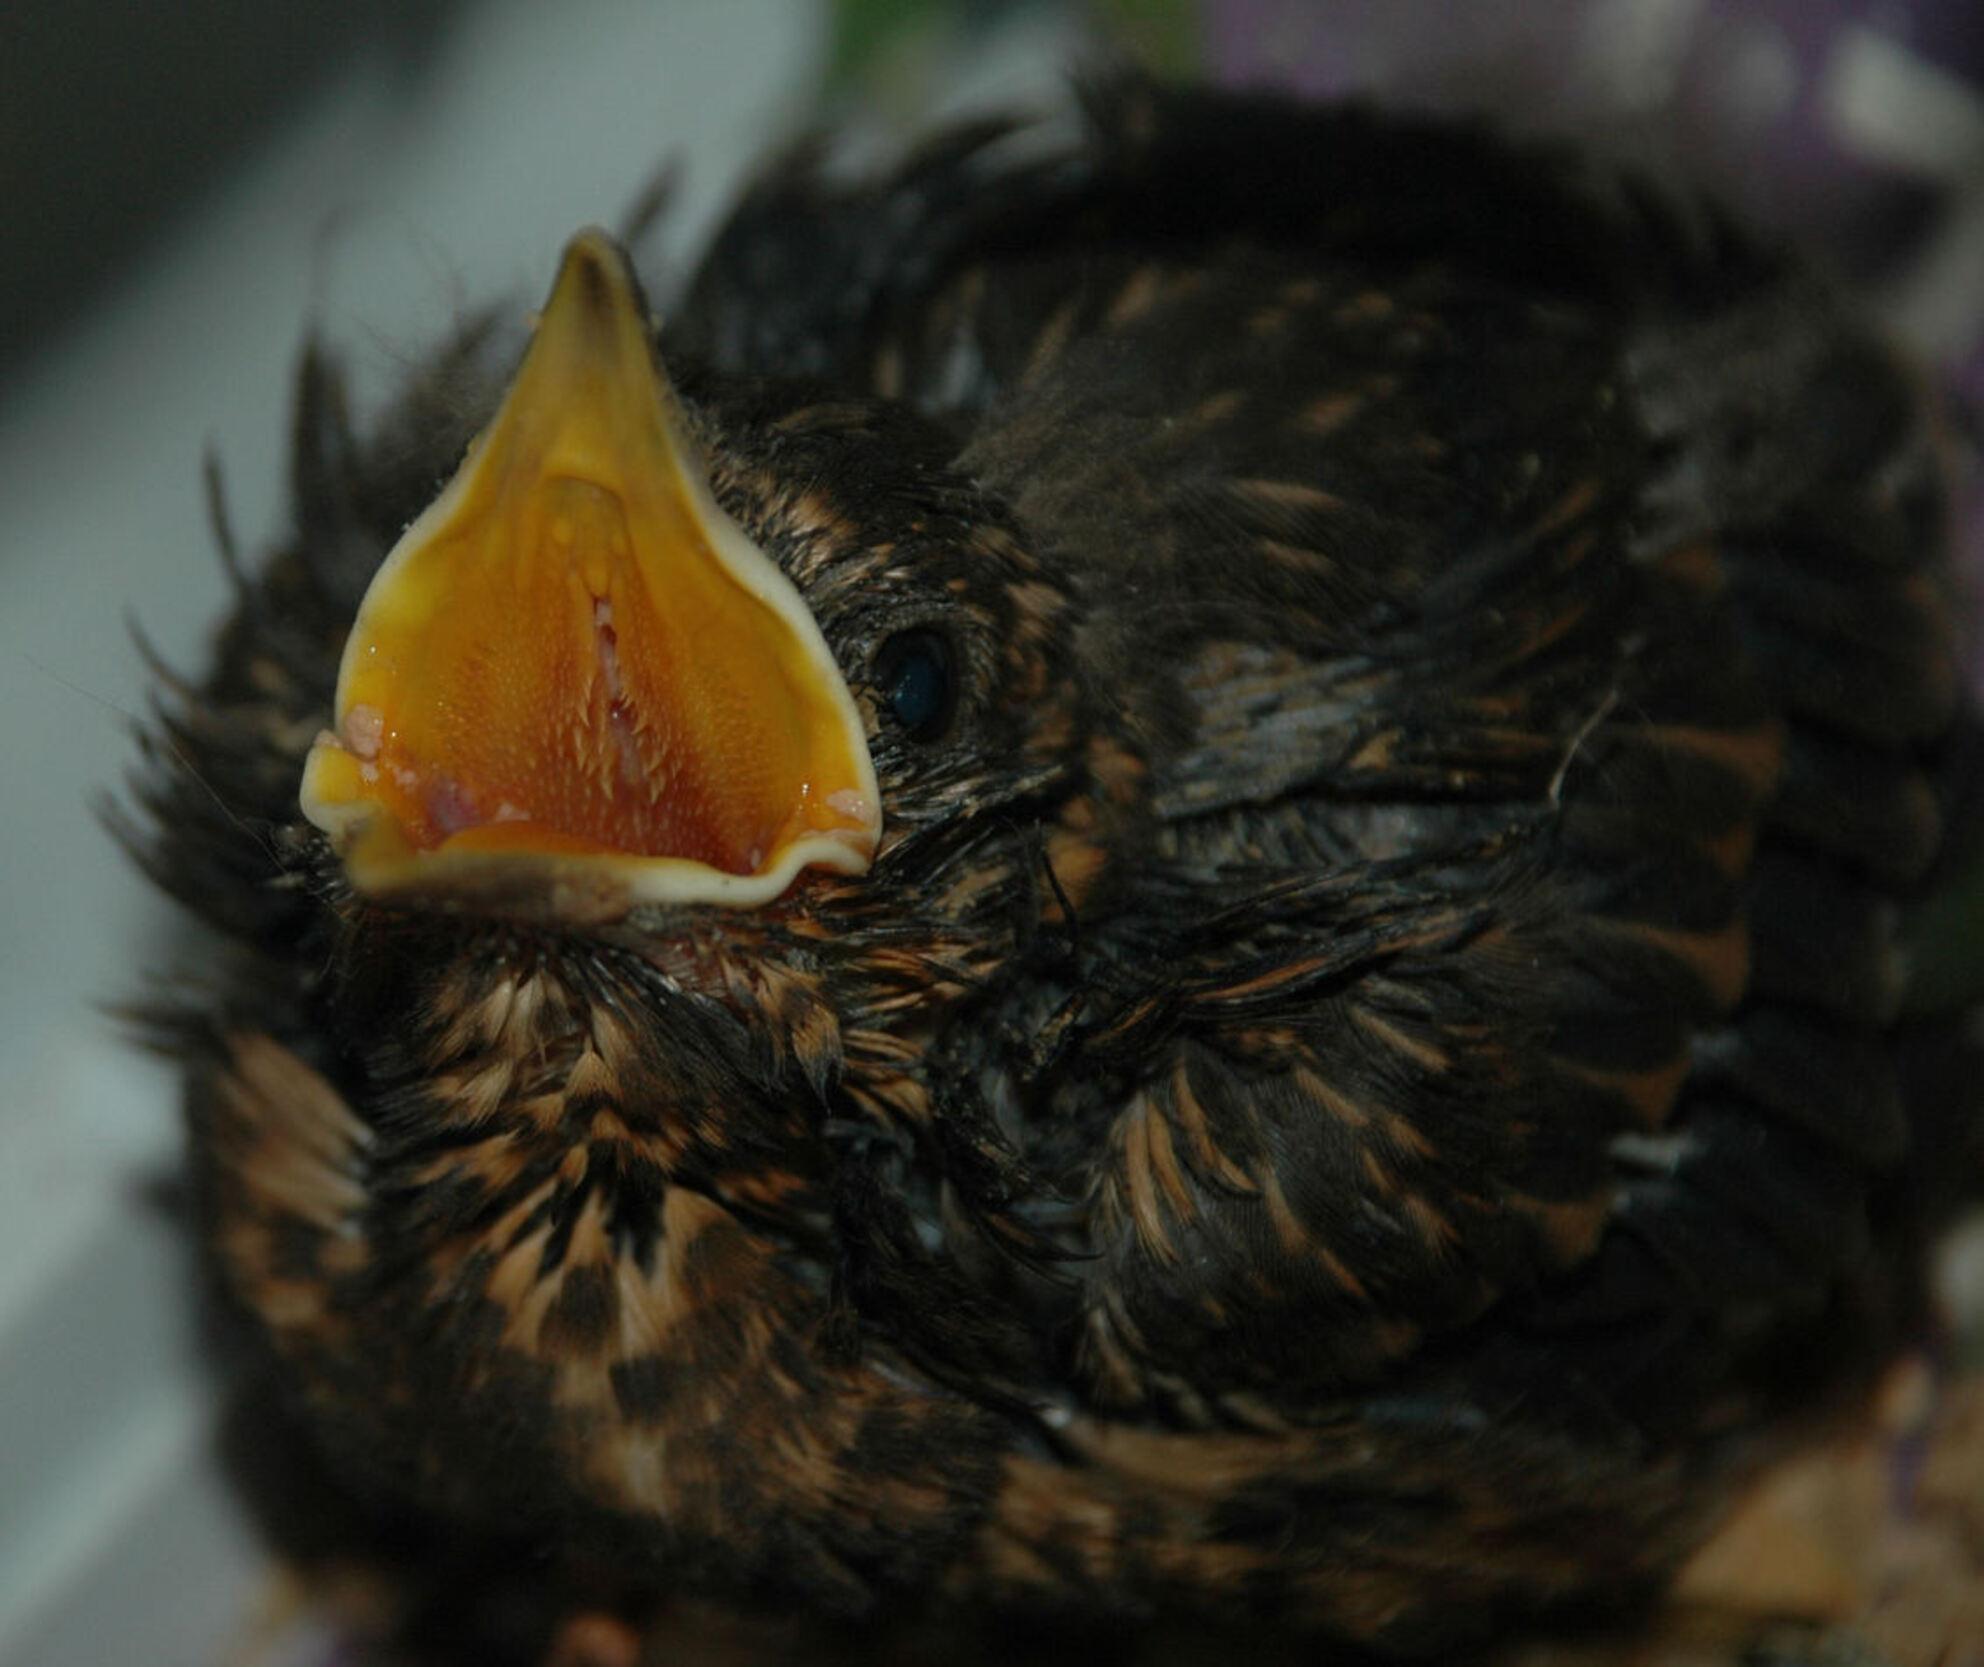 Honger - Deze baby merel was binnen gebracht bij mij in de dierenkliniek. - foto door denies84 op 27-06-2009 - deze foto bevat: merel, vogel, baby - Deze foto mag gebruikt worden in een Zoom.nl publicatie